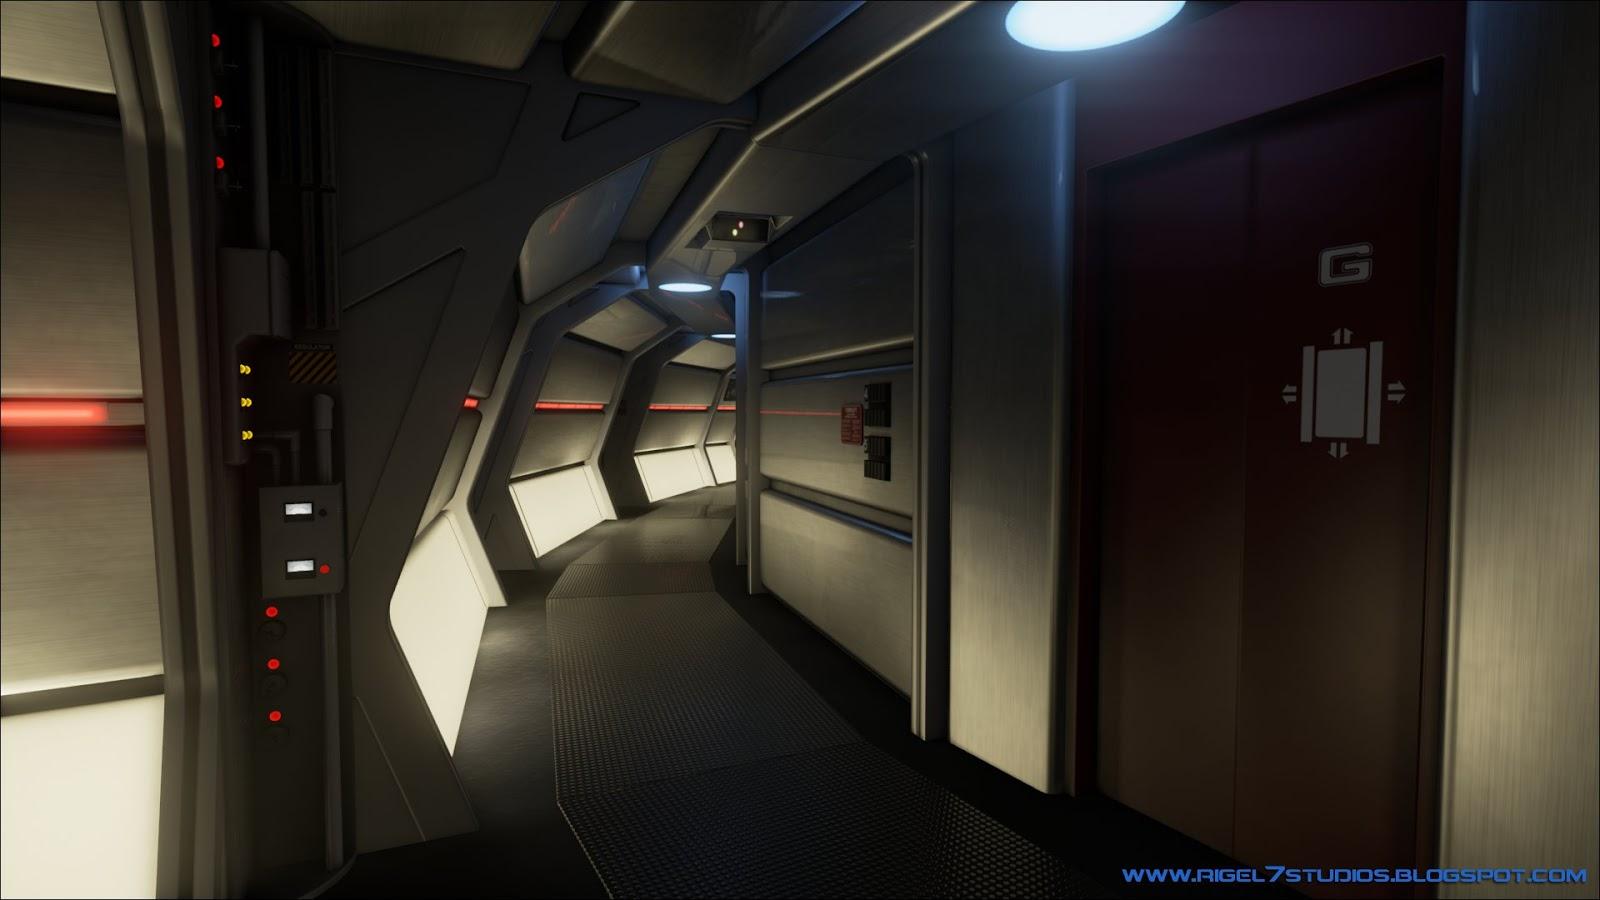 Excelsior Interior Corridor. | Star trek ships, Star trek ... |Uss Enterprise Corridors